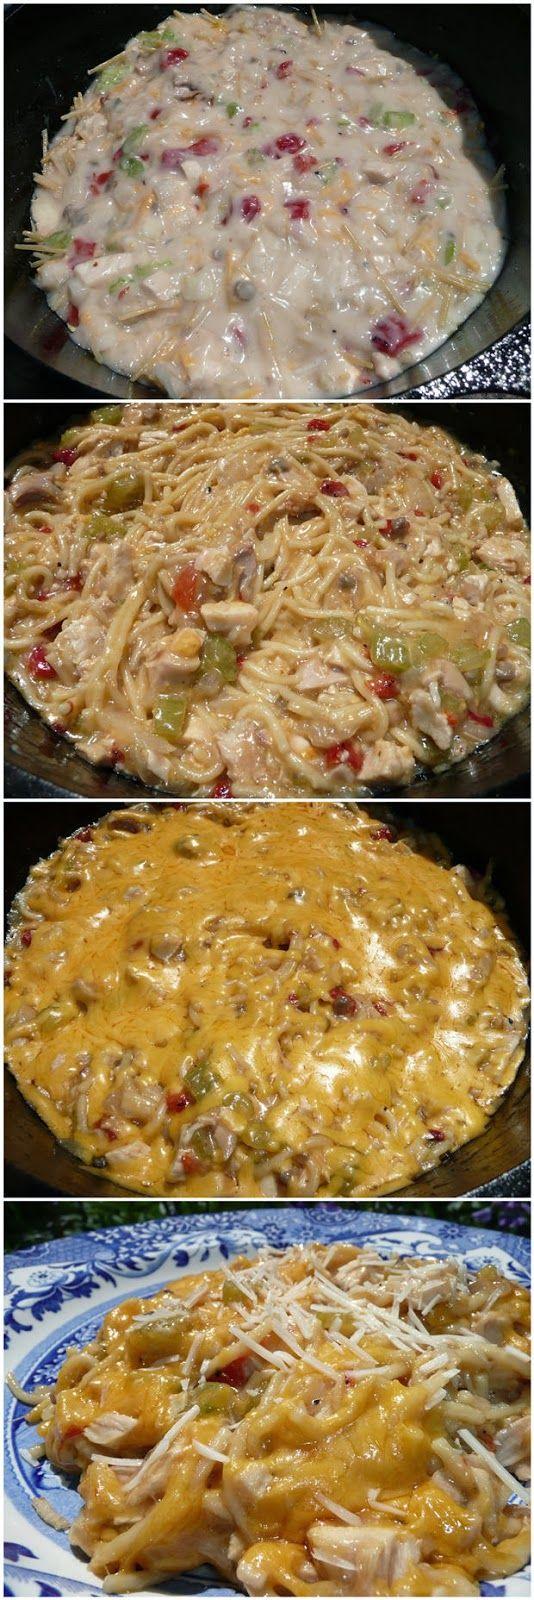 Chicken Spaghetti Casserole Recipe — Dishmaps